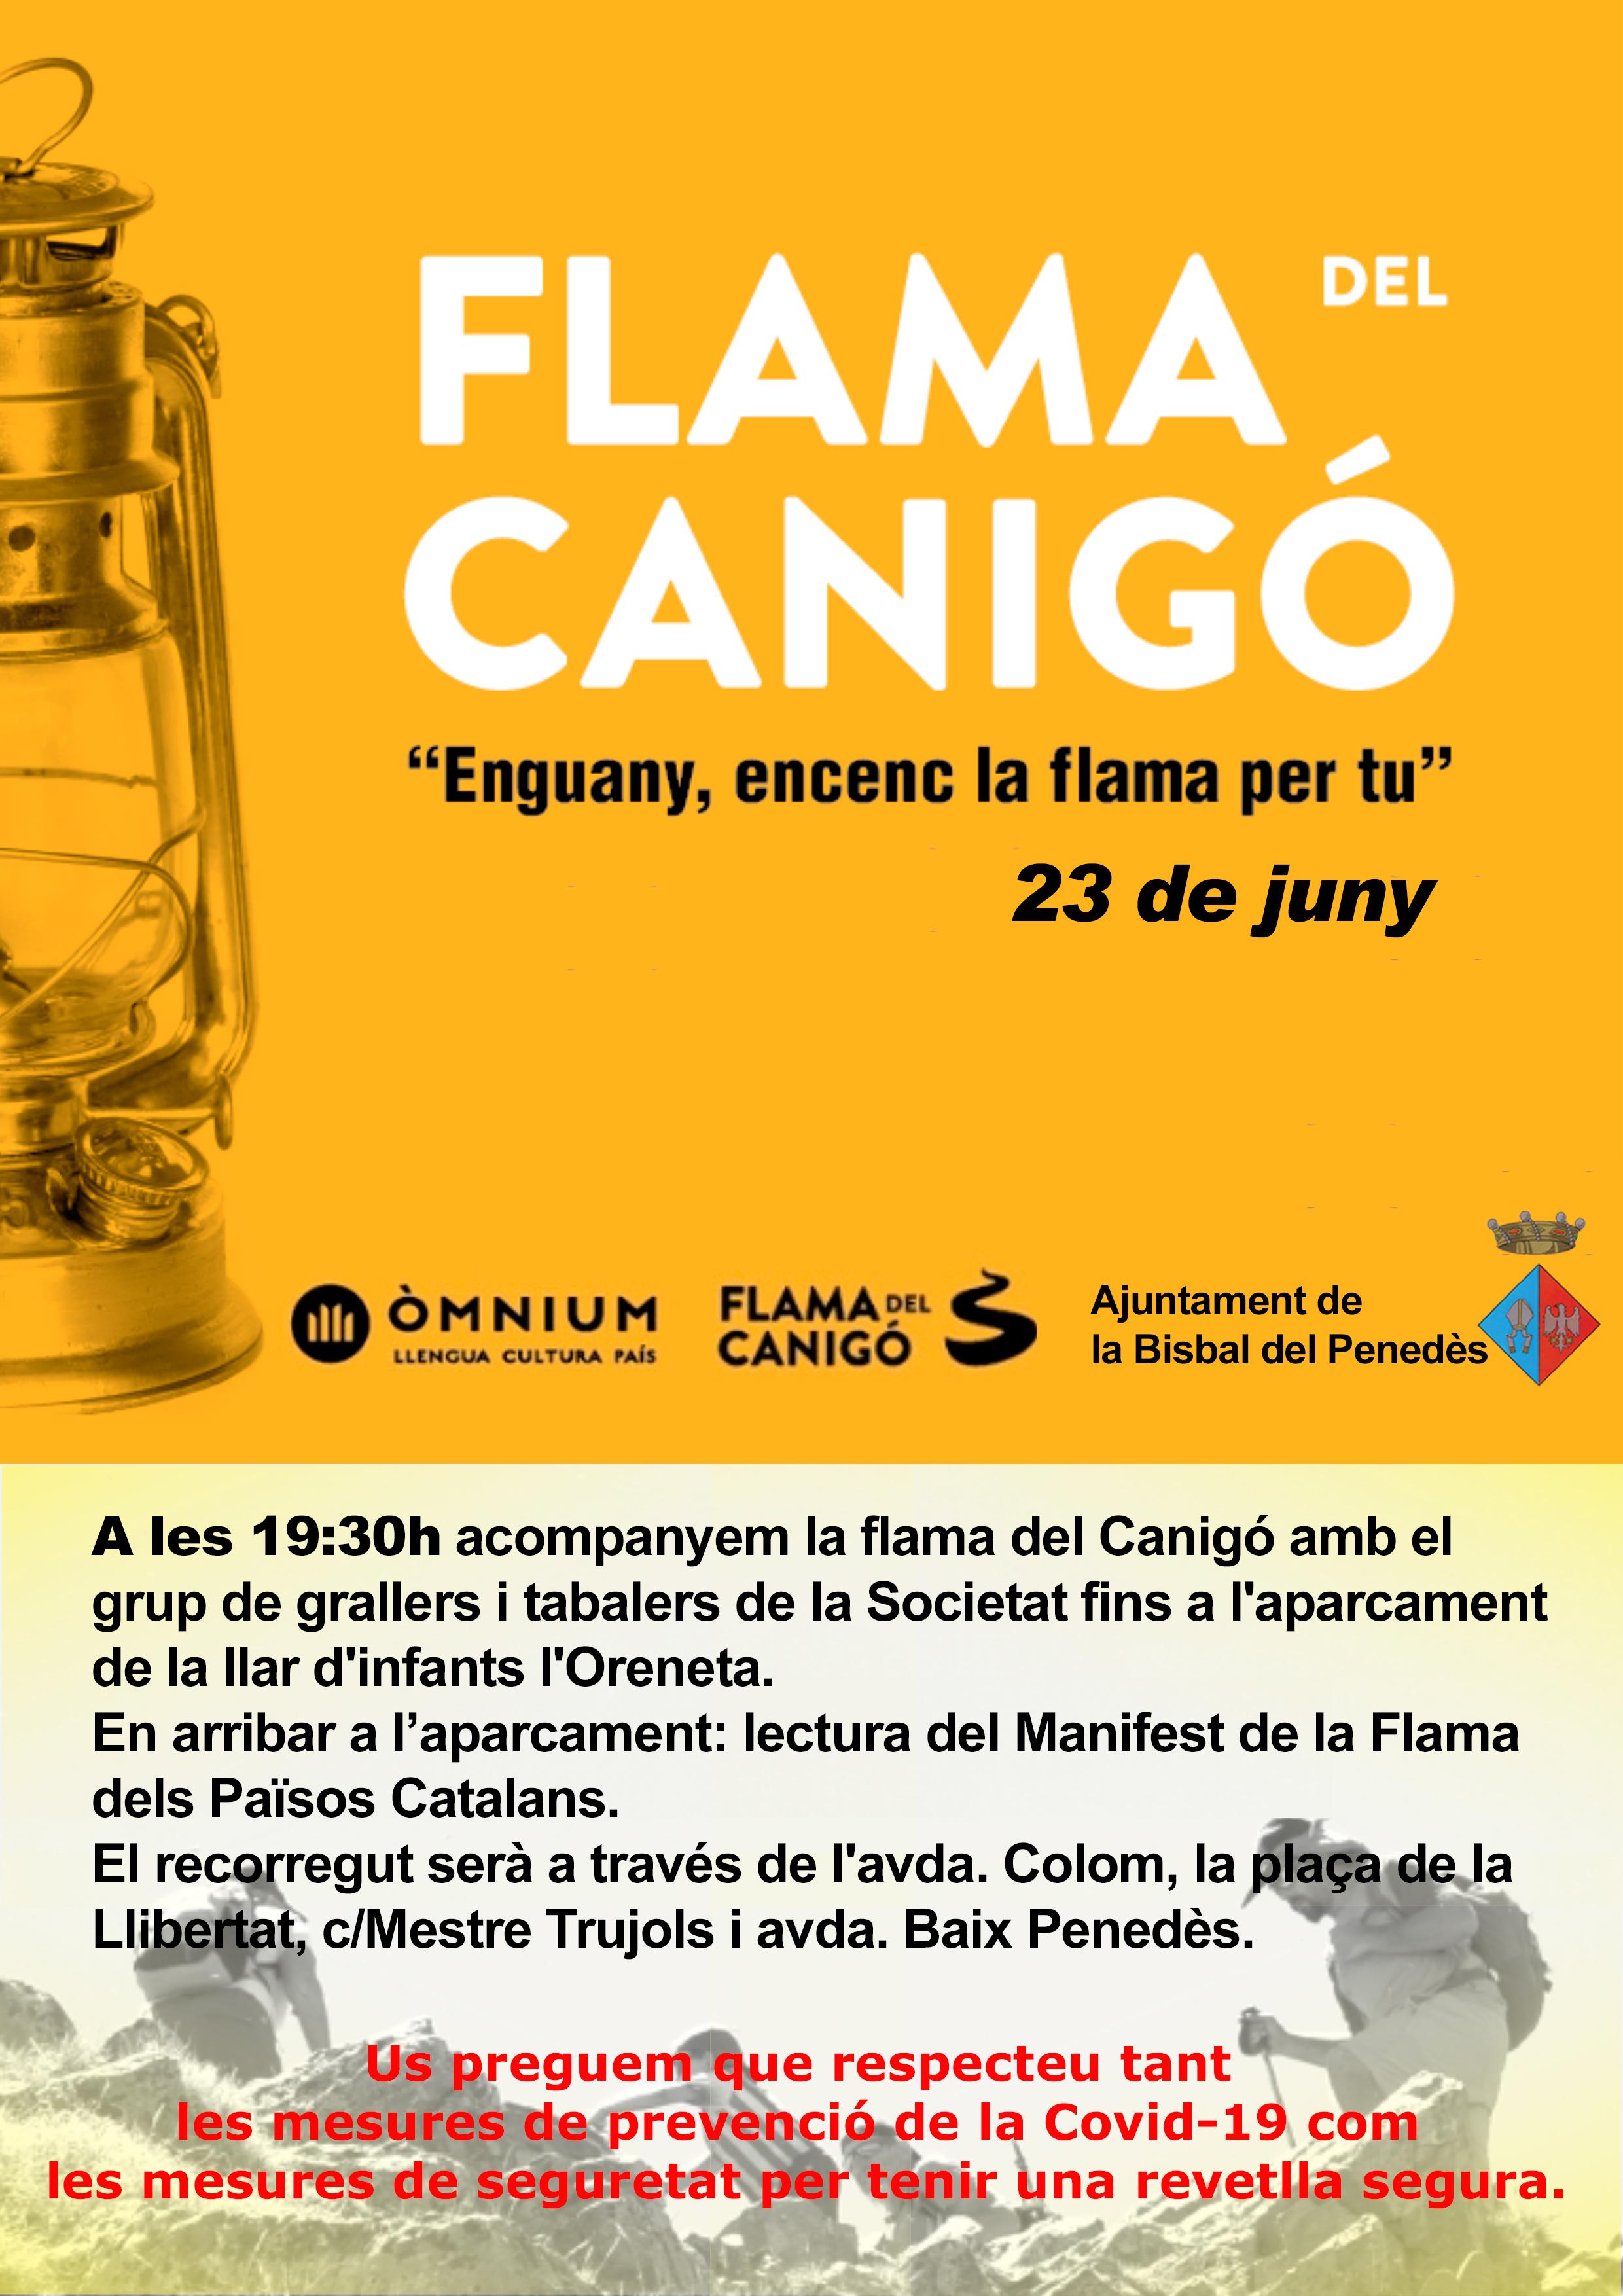 Aquest dimarts 23 de juny arriba la Flama del Canigó a la Bisbal del Penedès